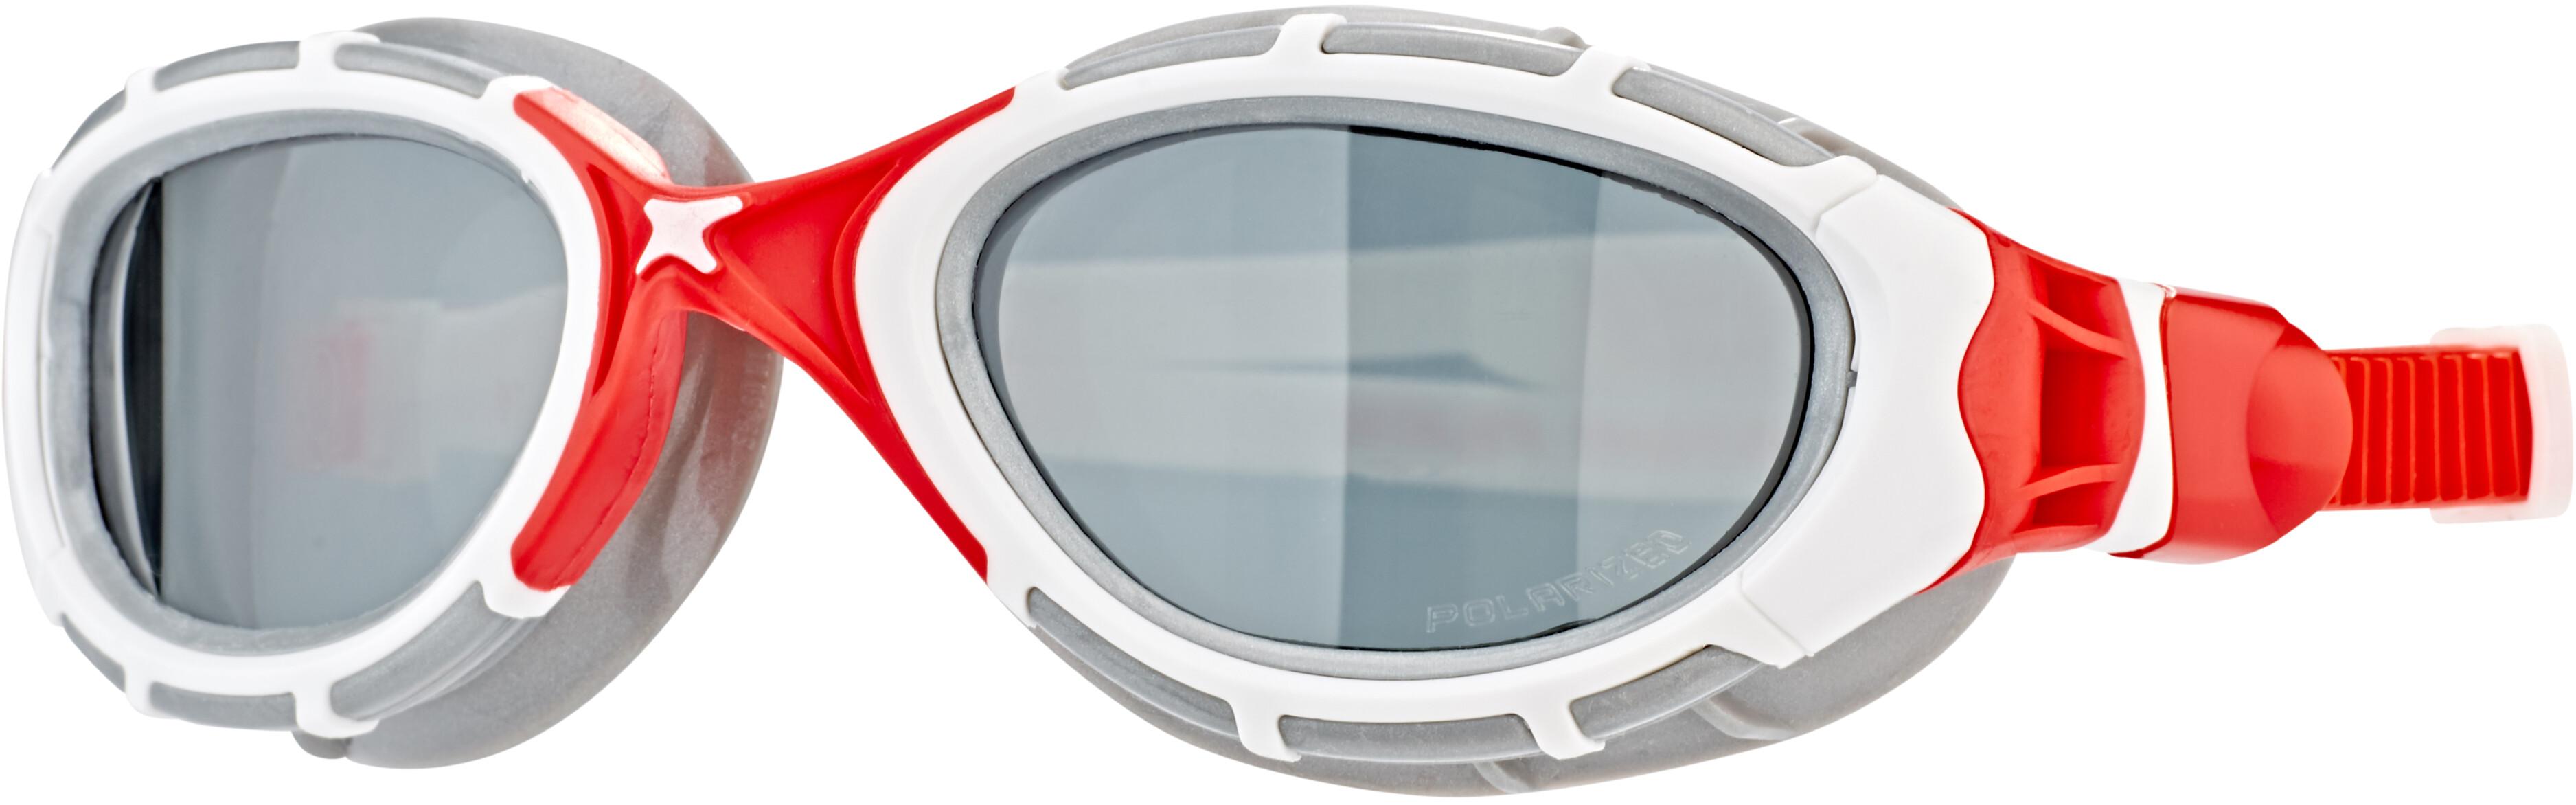 7ad599976 Zoggs Predator Flex Goggles Polarized, white/red | Campz.es